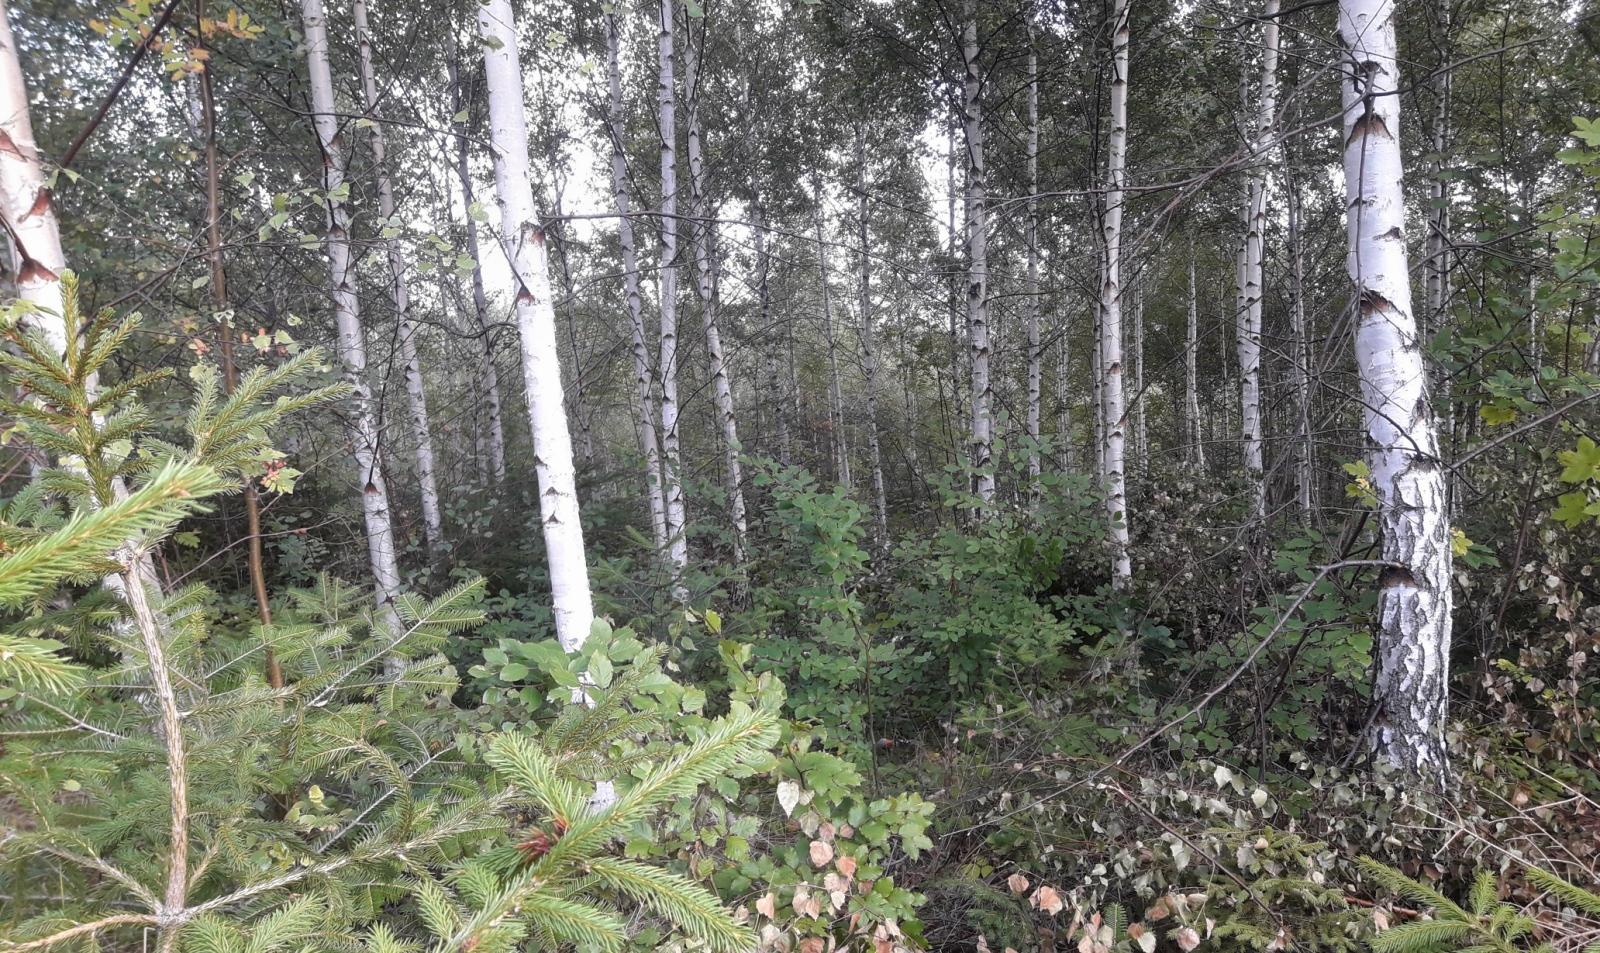 Podsadby buku lesního v přípravných porostech